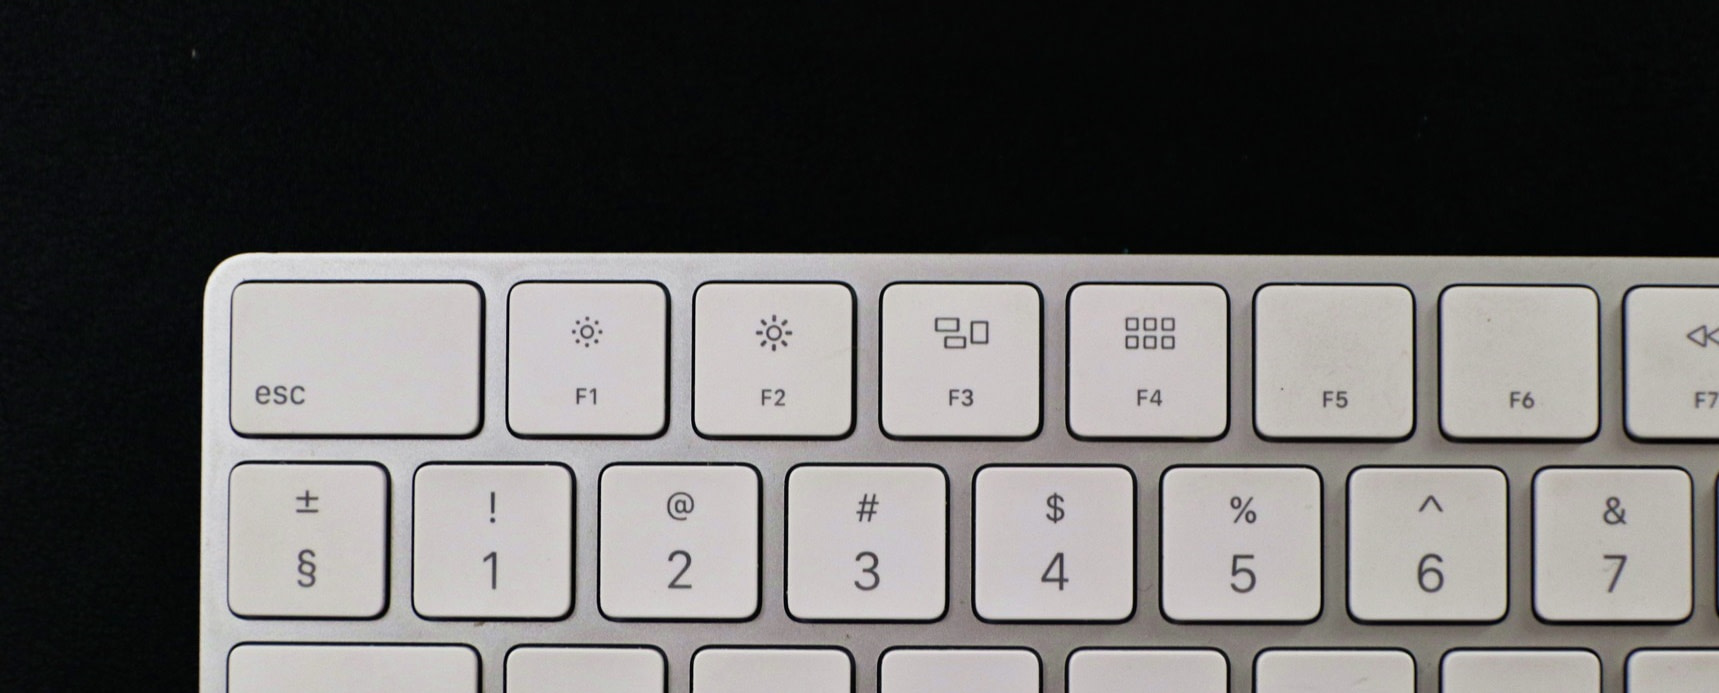 mac control keys